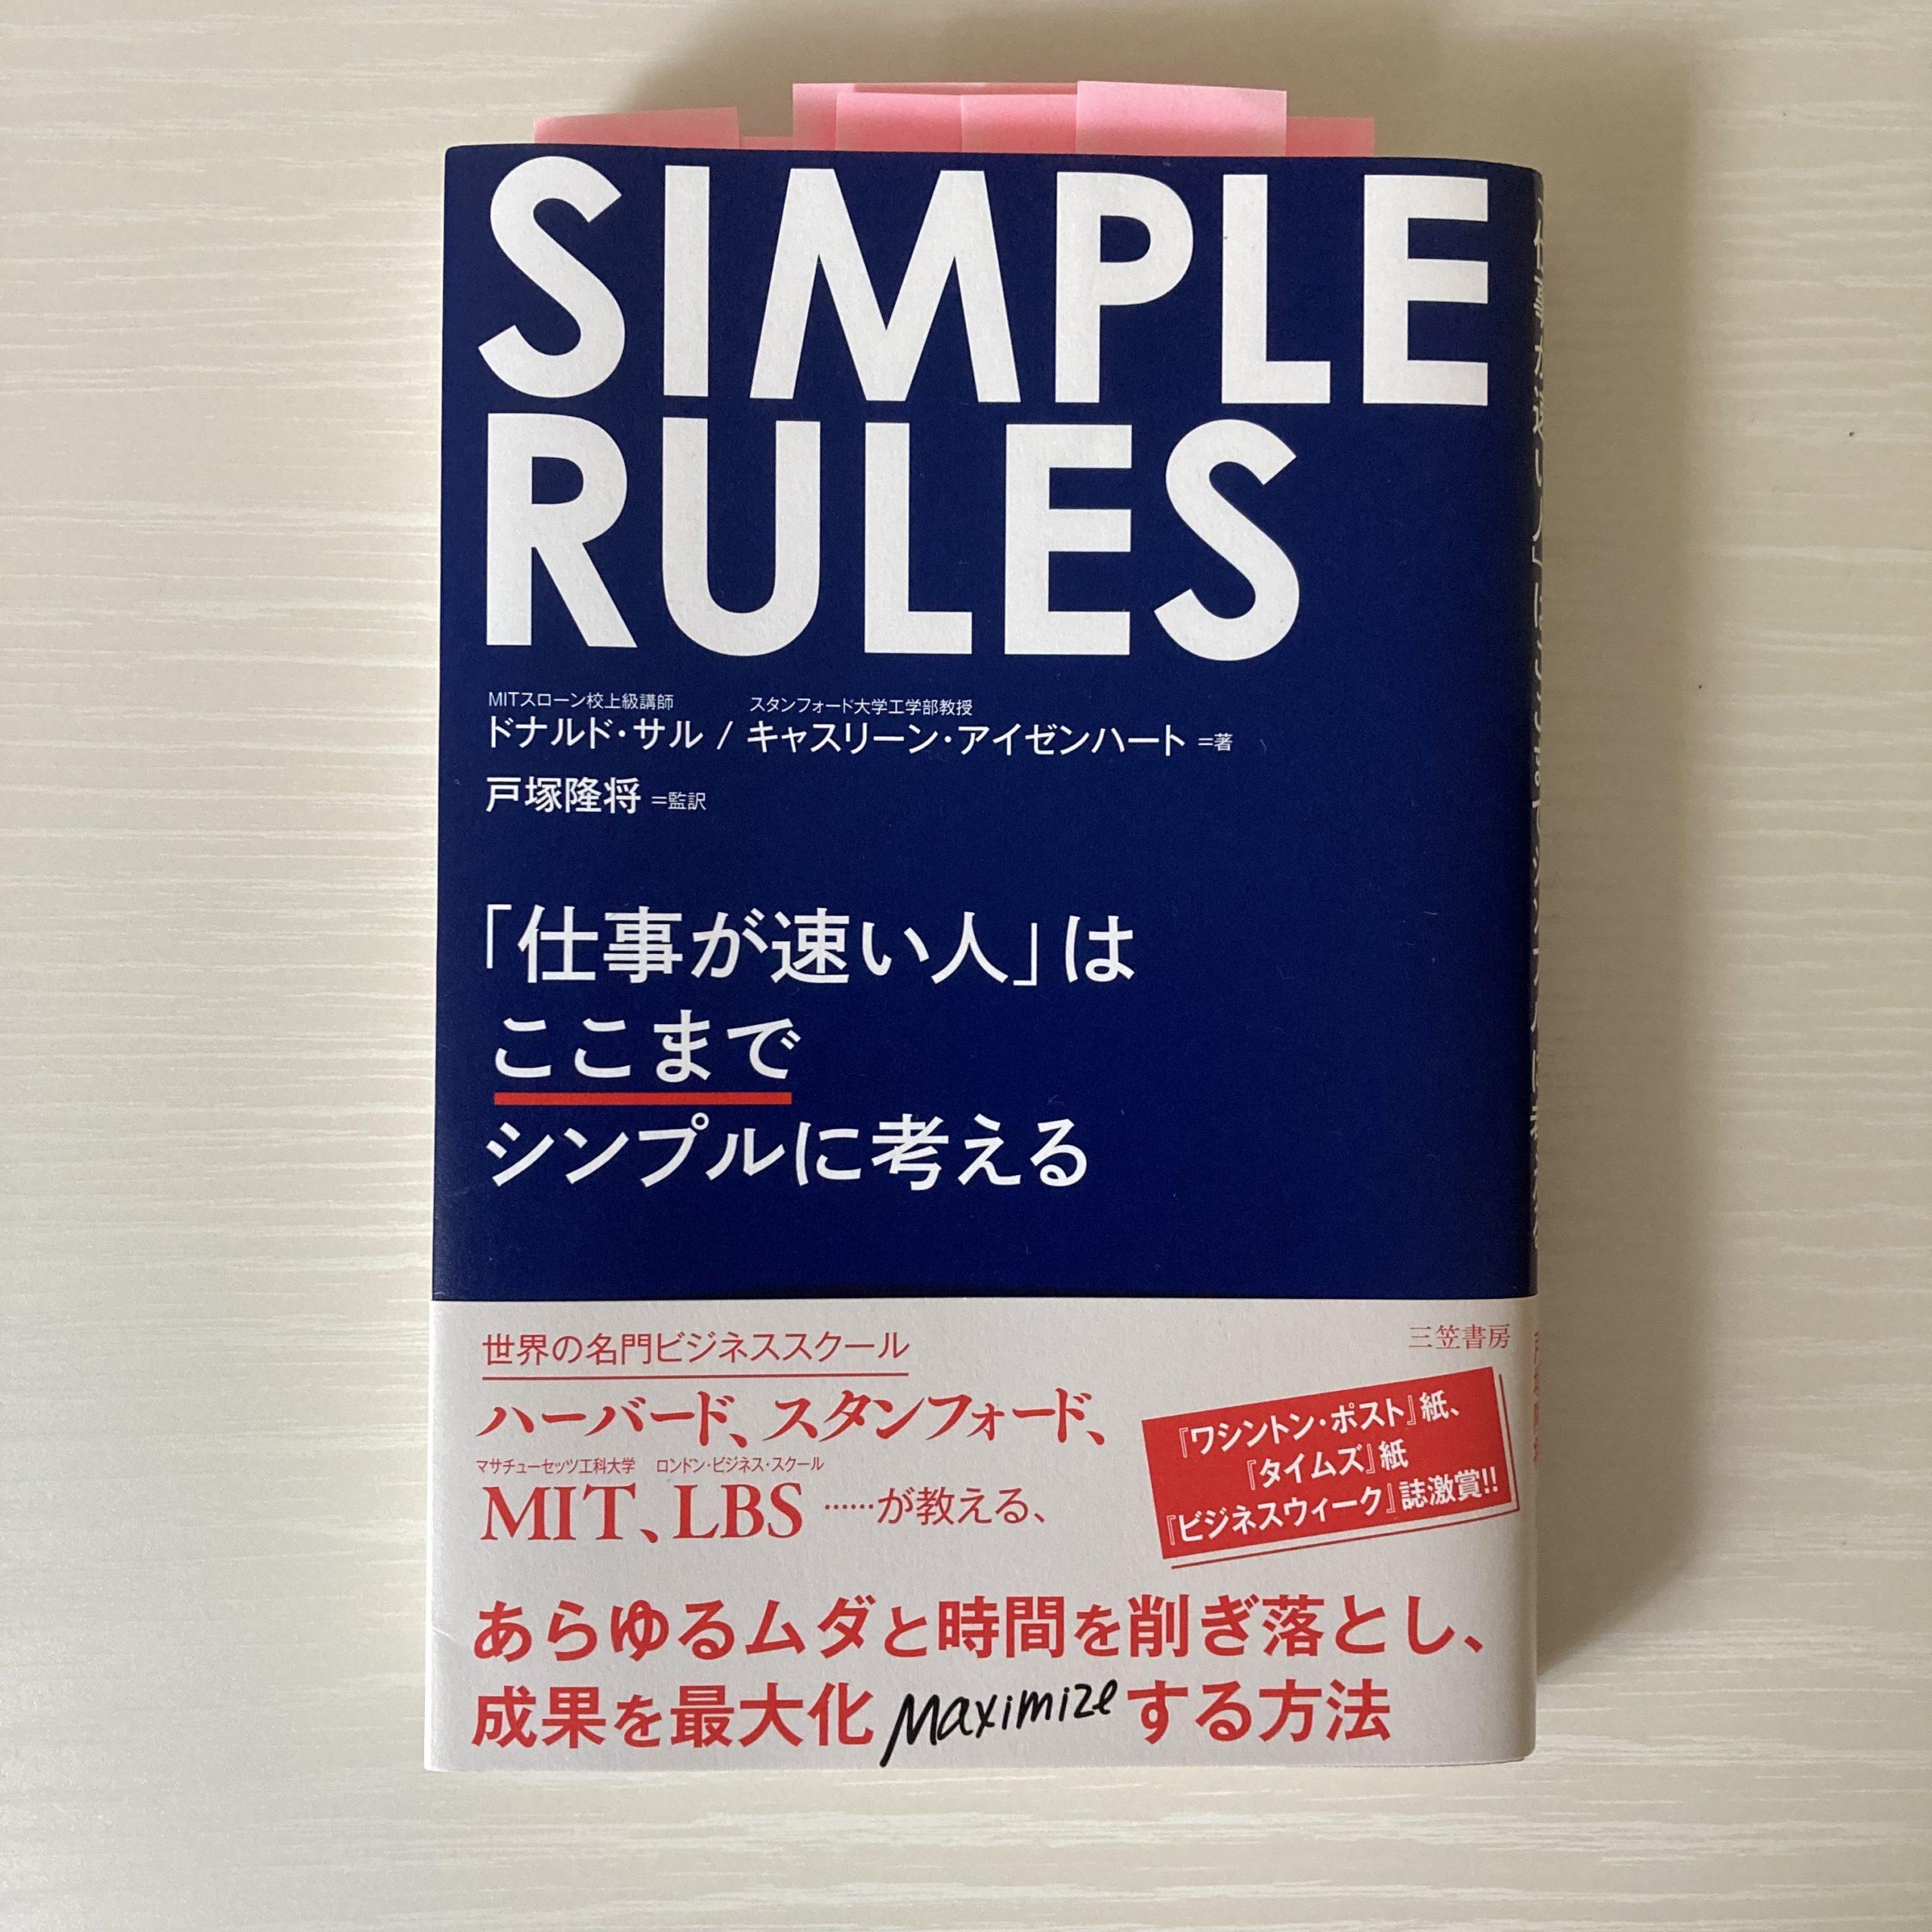 ペア読書会「SHIMPLE RULES 仕事が速い人はここまでシンプルに考える」を読んでみた